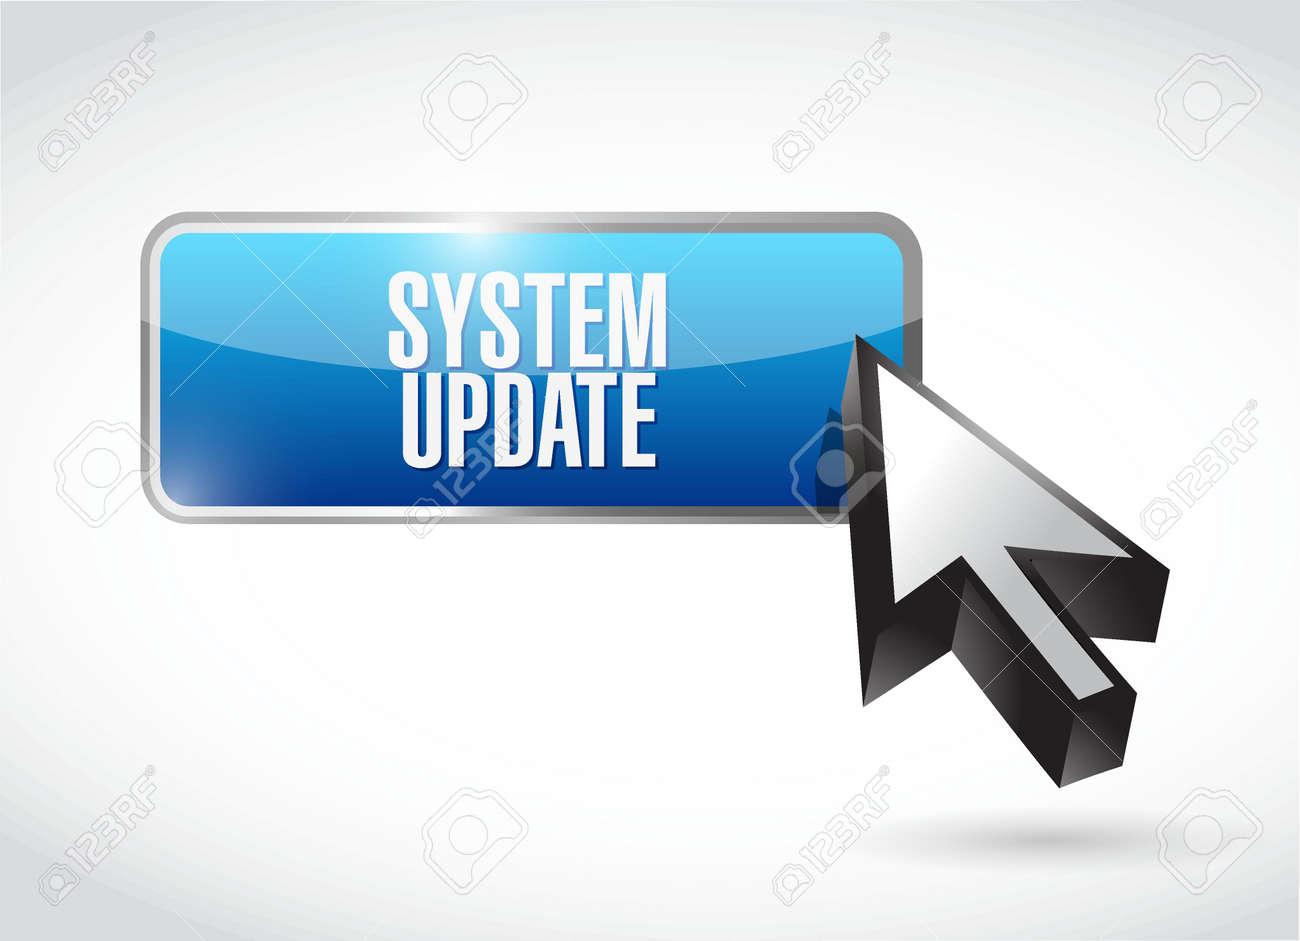 システム更新ボタン記号概念イラスト デザイン グラフィック